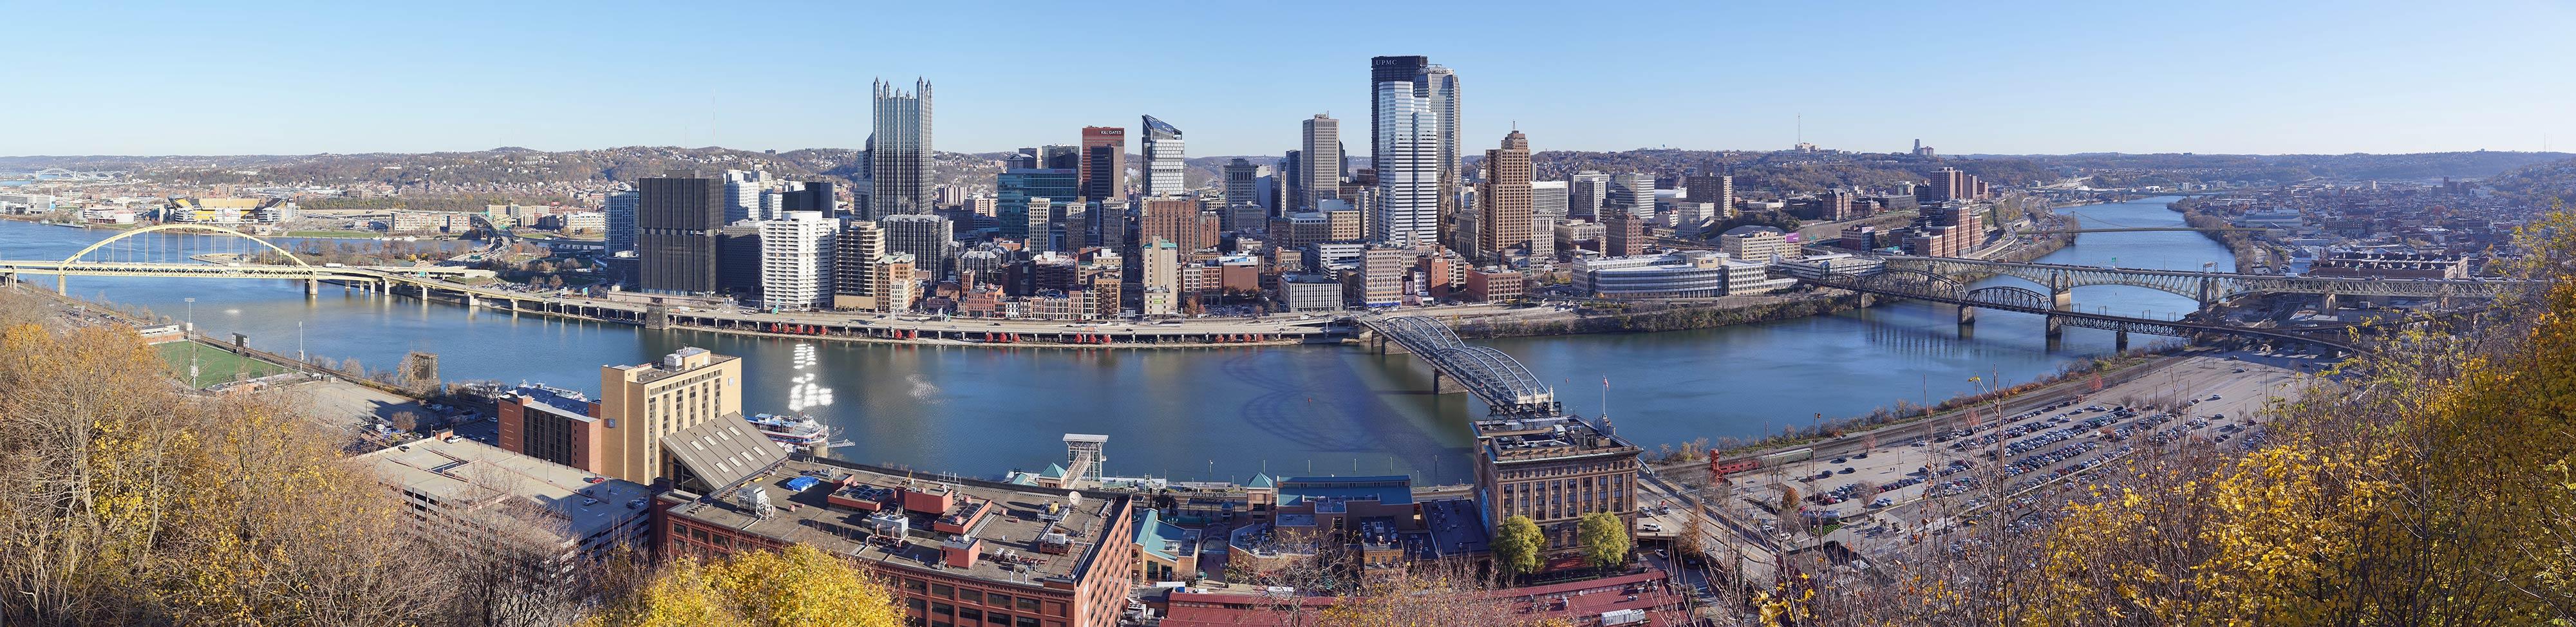 Pittsburgh_skyline_panorama_daytime